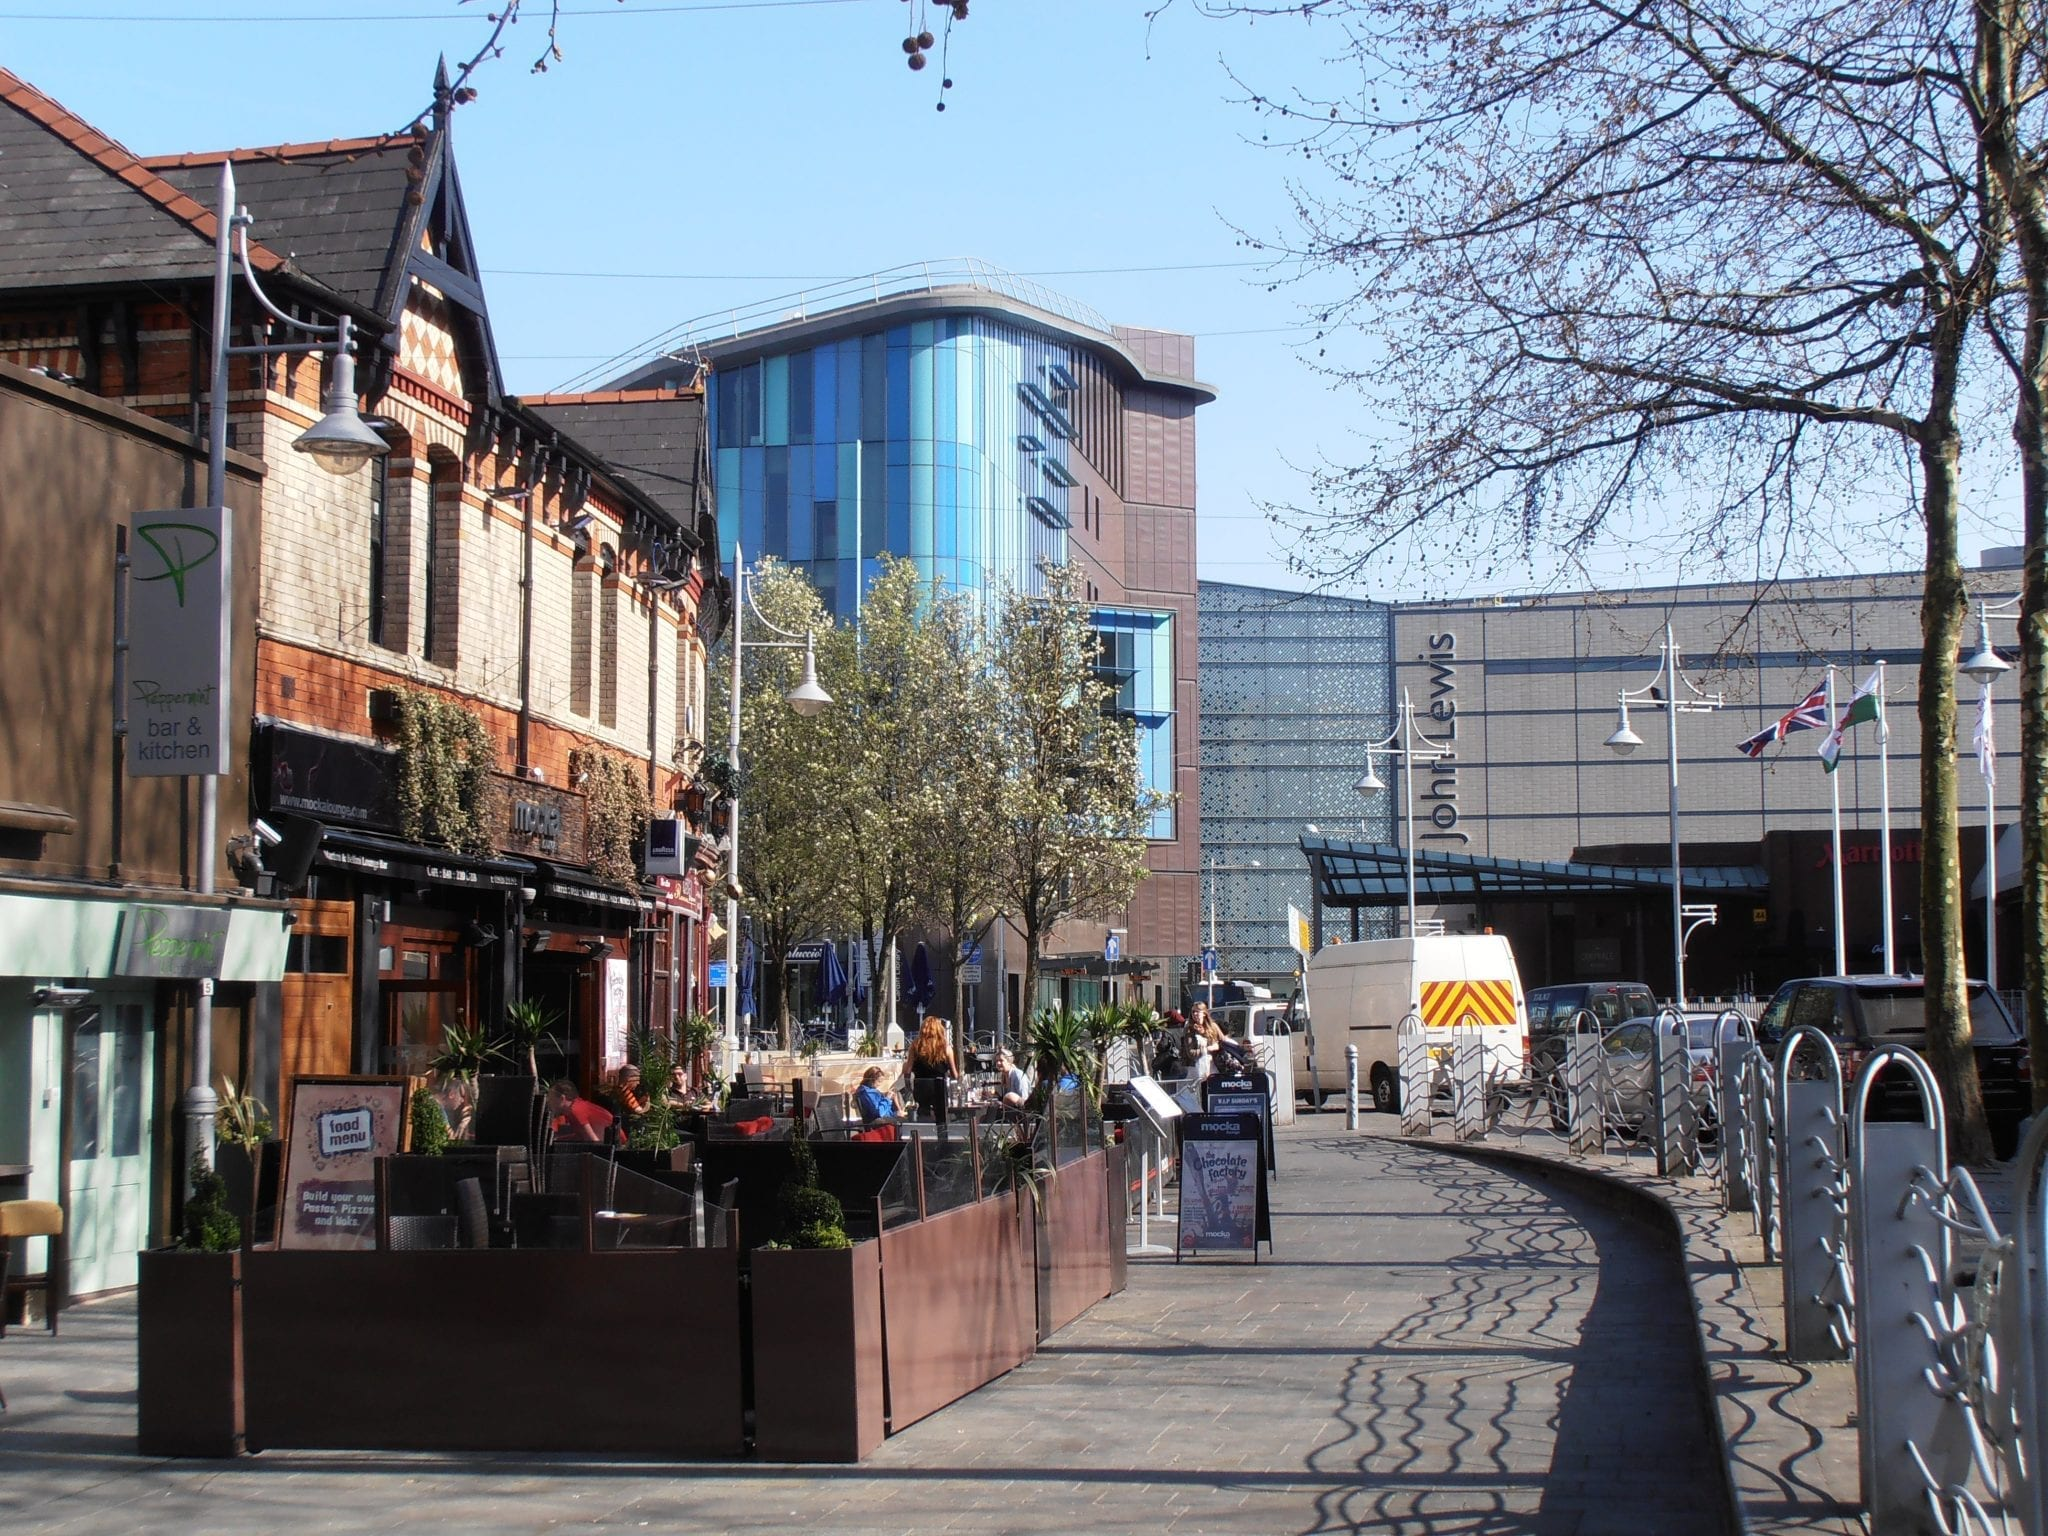 Mill Lane Cardiff. busca ofertas de alojamiento y empleo en cardiff